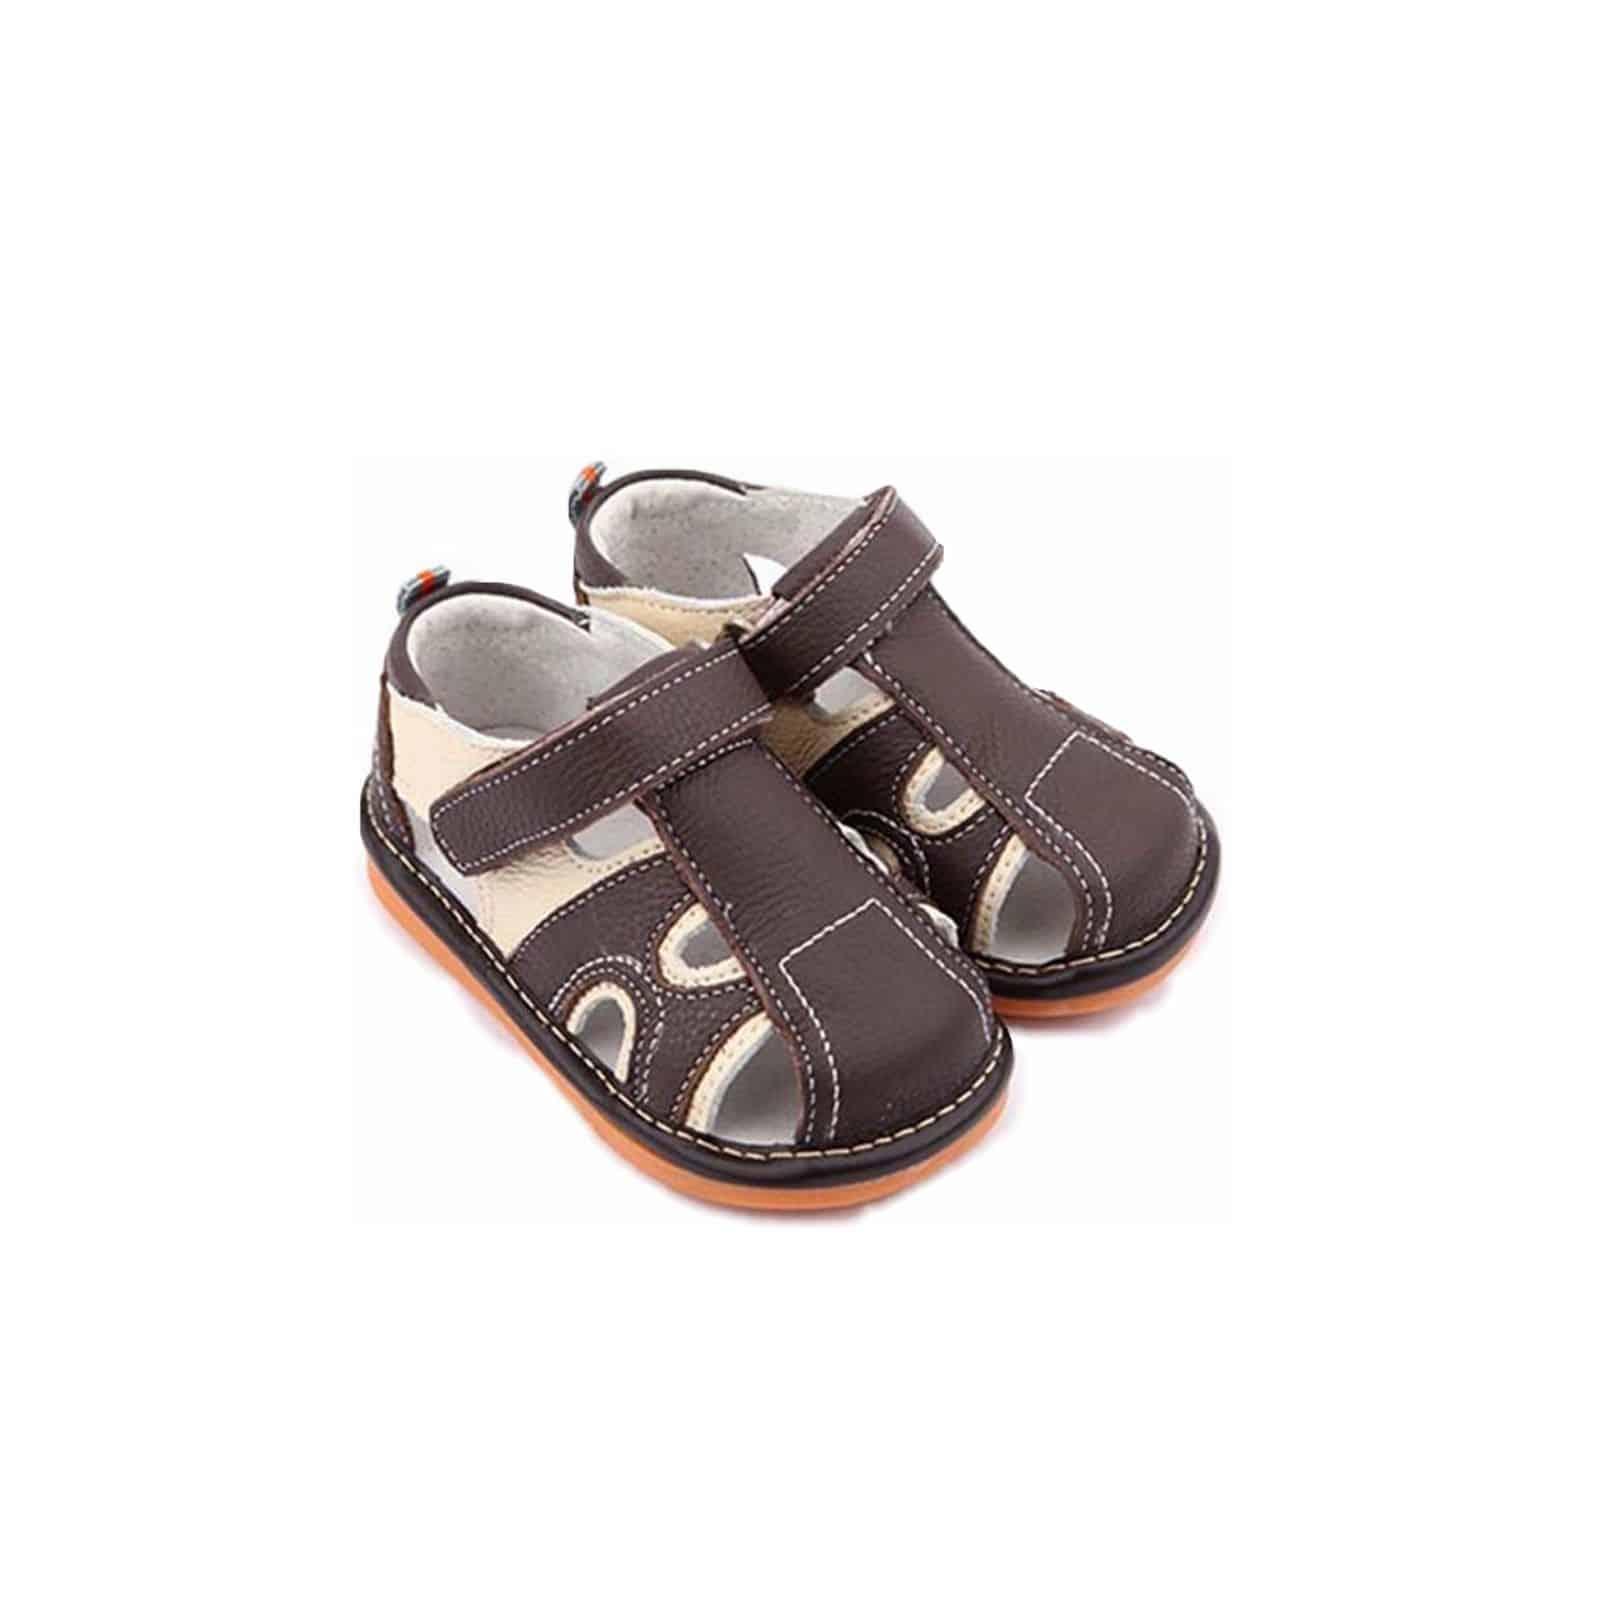 Bicolores Souple Chaussures Bicolores Semelle Souple Sandales Semelle Souple Chaussures Sandales Chaussures Semelle xrBodCe